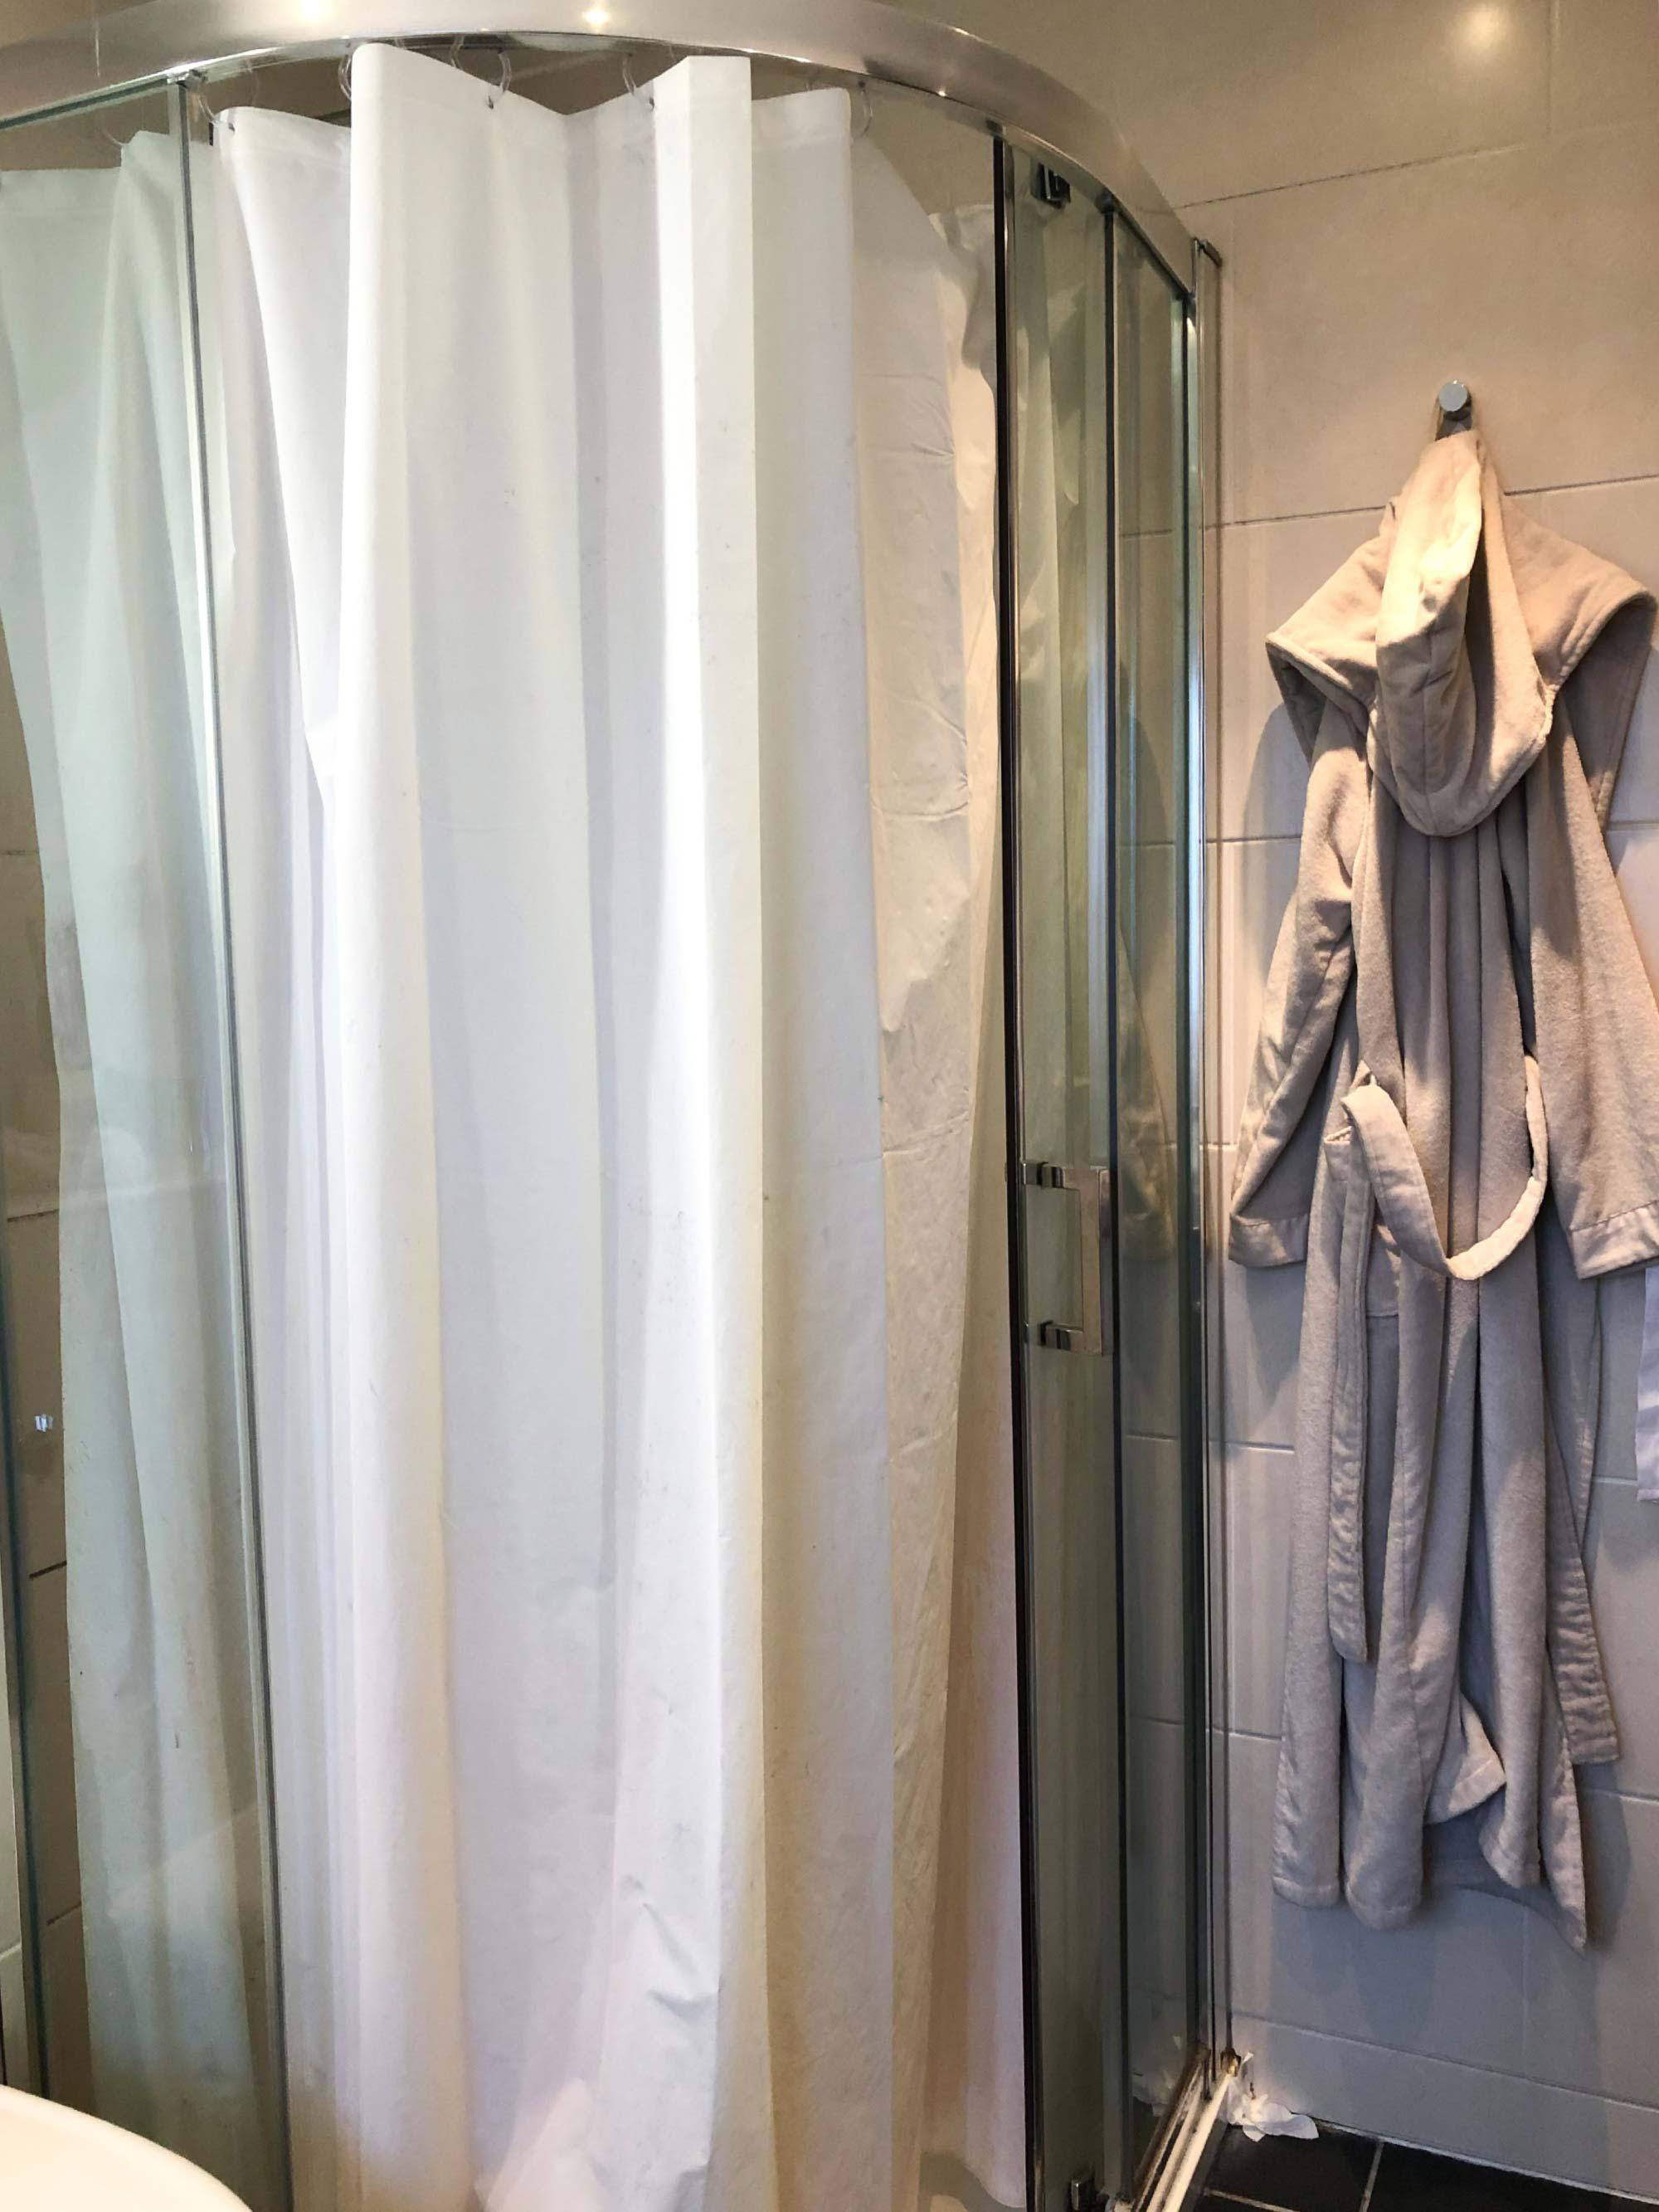 4 shower-curtain-hung-in-place-of-broken-door.jpg